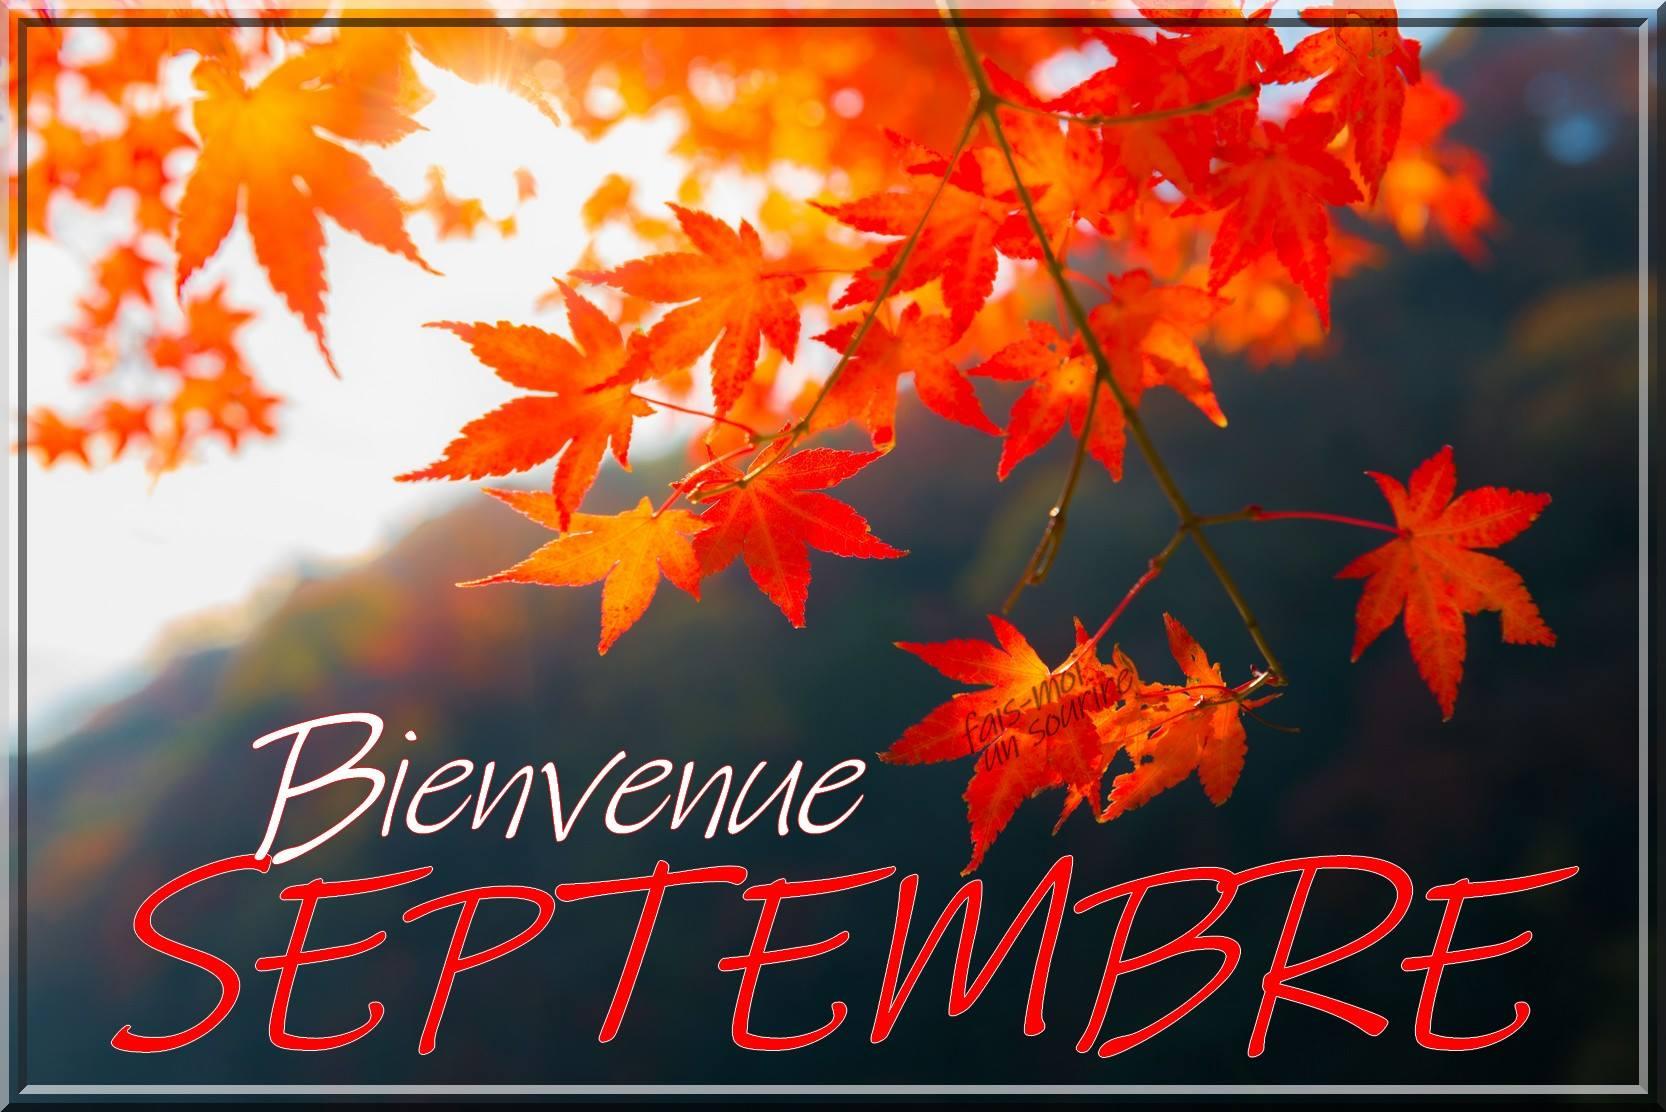 ᐅ 13 Septembre images, photos et illustrations pour facebook - BonnesImages